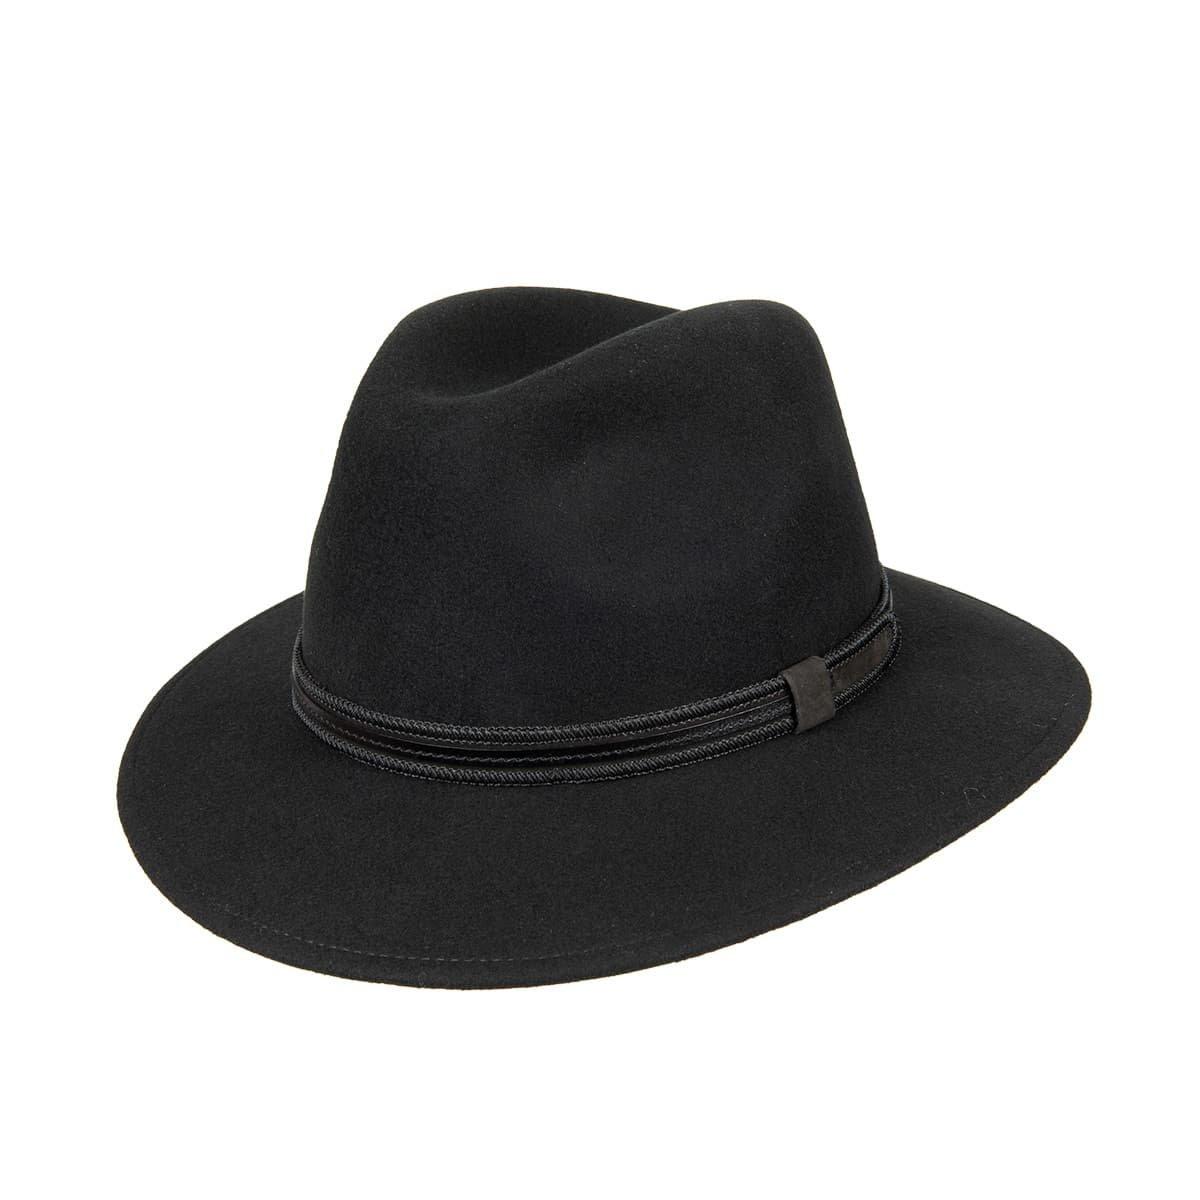 Cappello in feltro di lana per uomo e donna eceaad256847